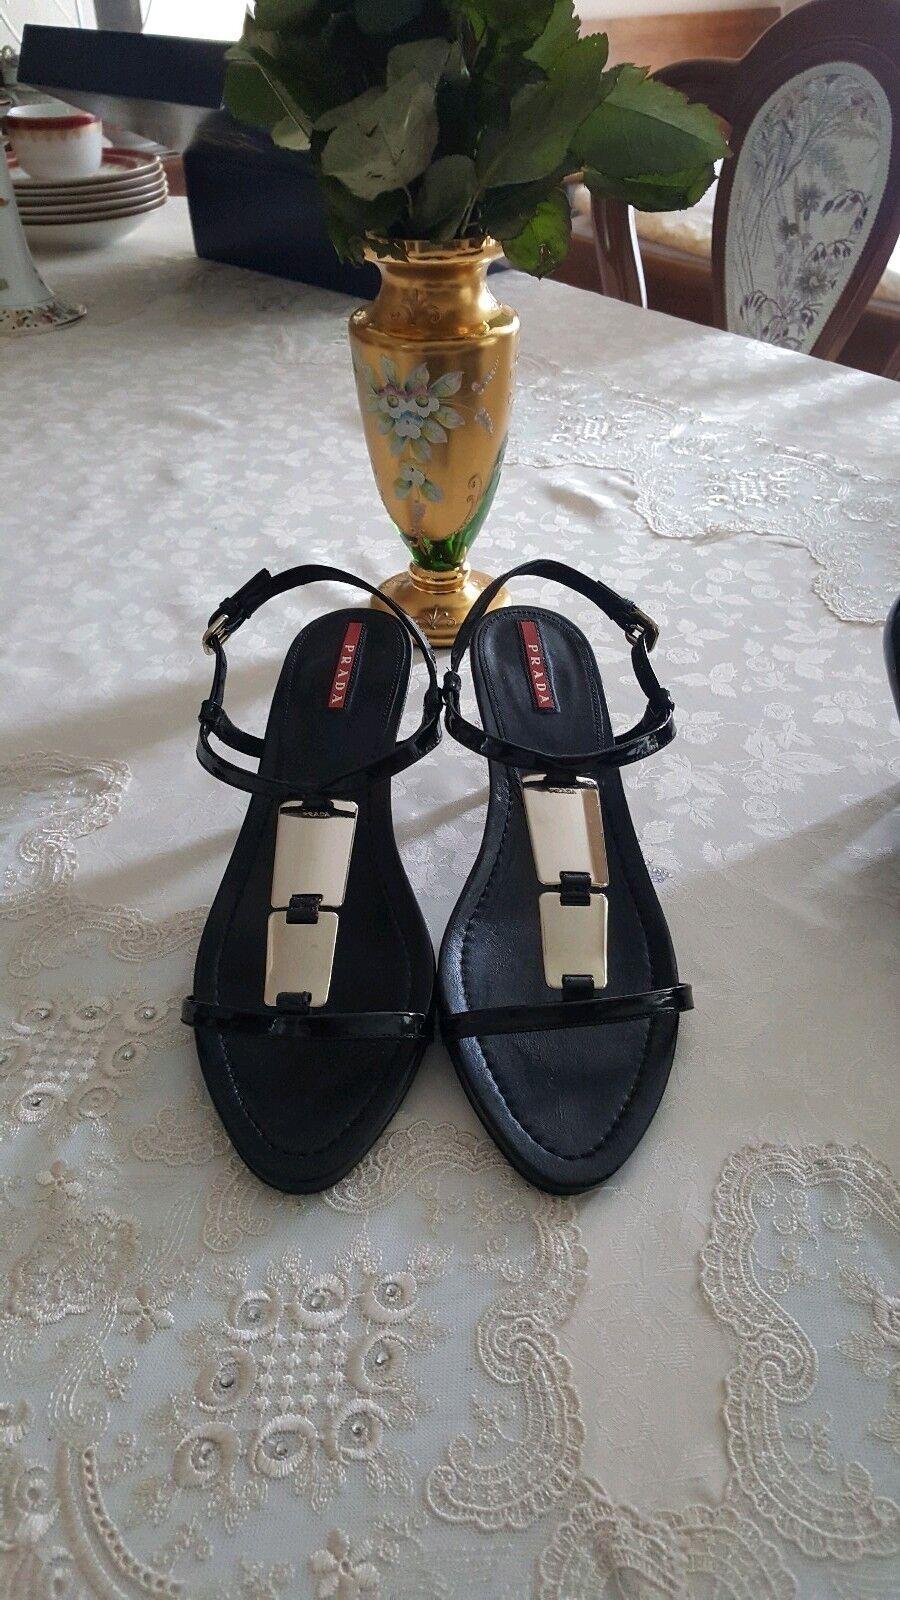 Prada Damen in Sandalen/Schuhe, 39, schwarz, made in Damen  5eef07